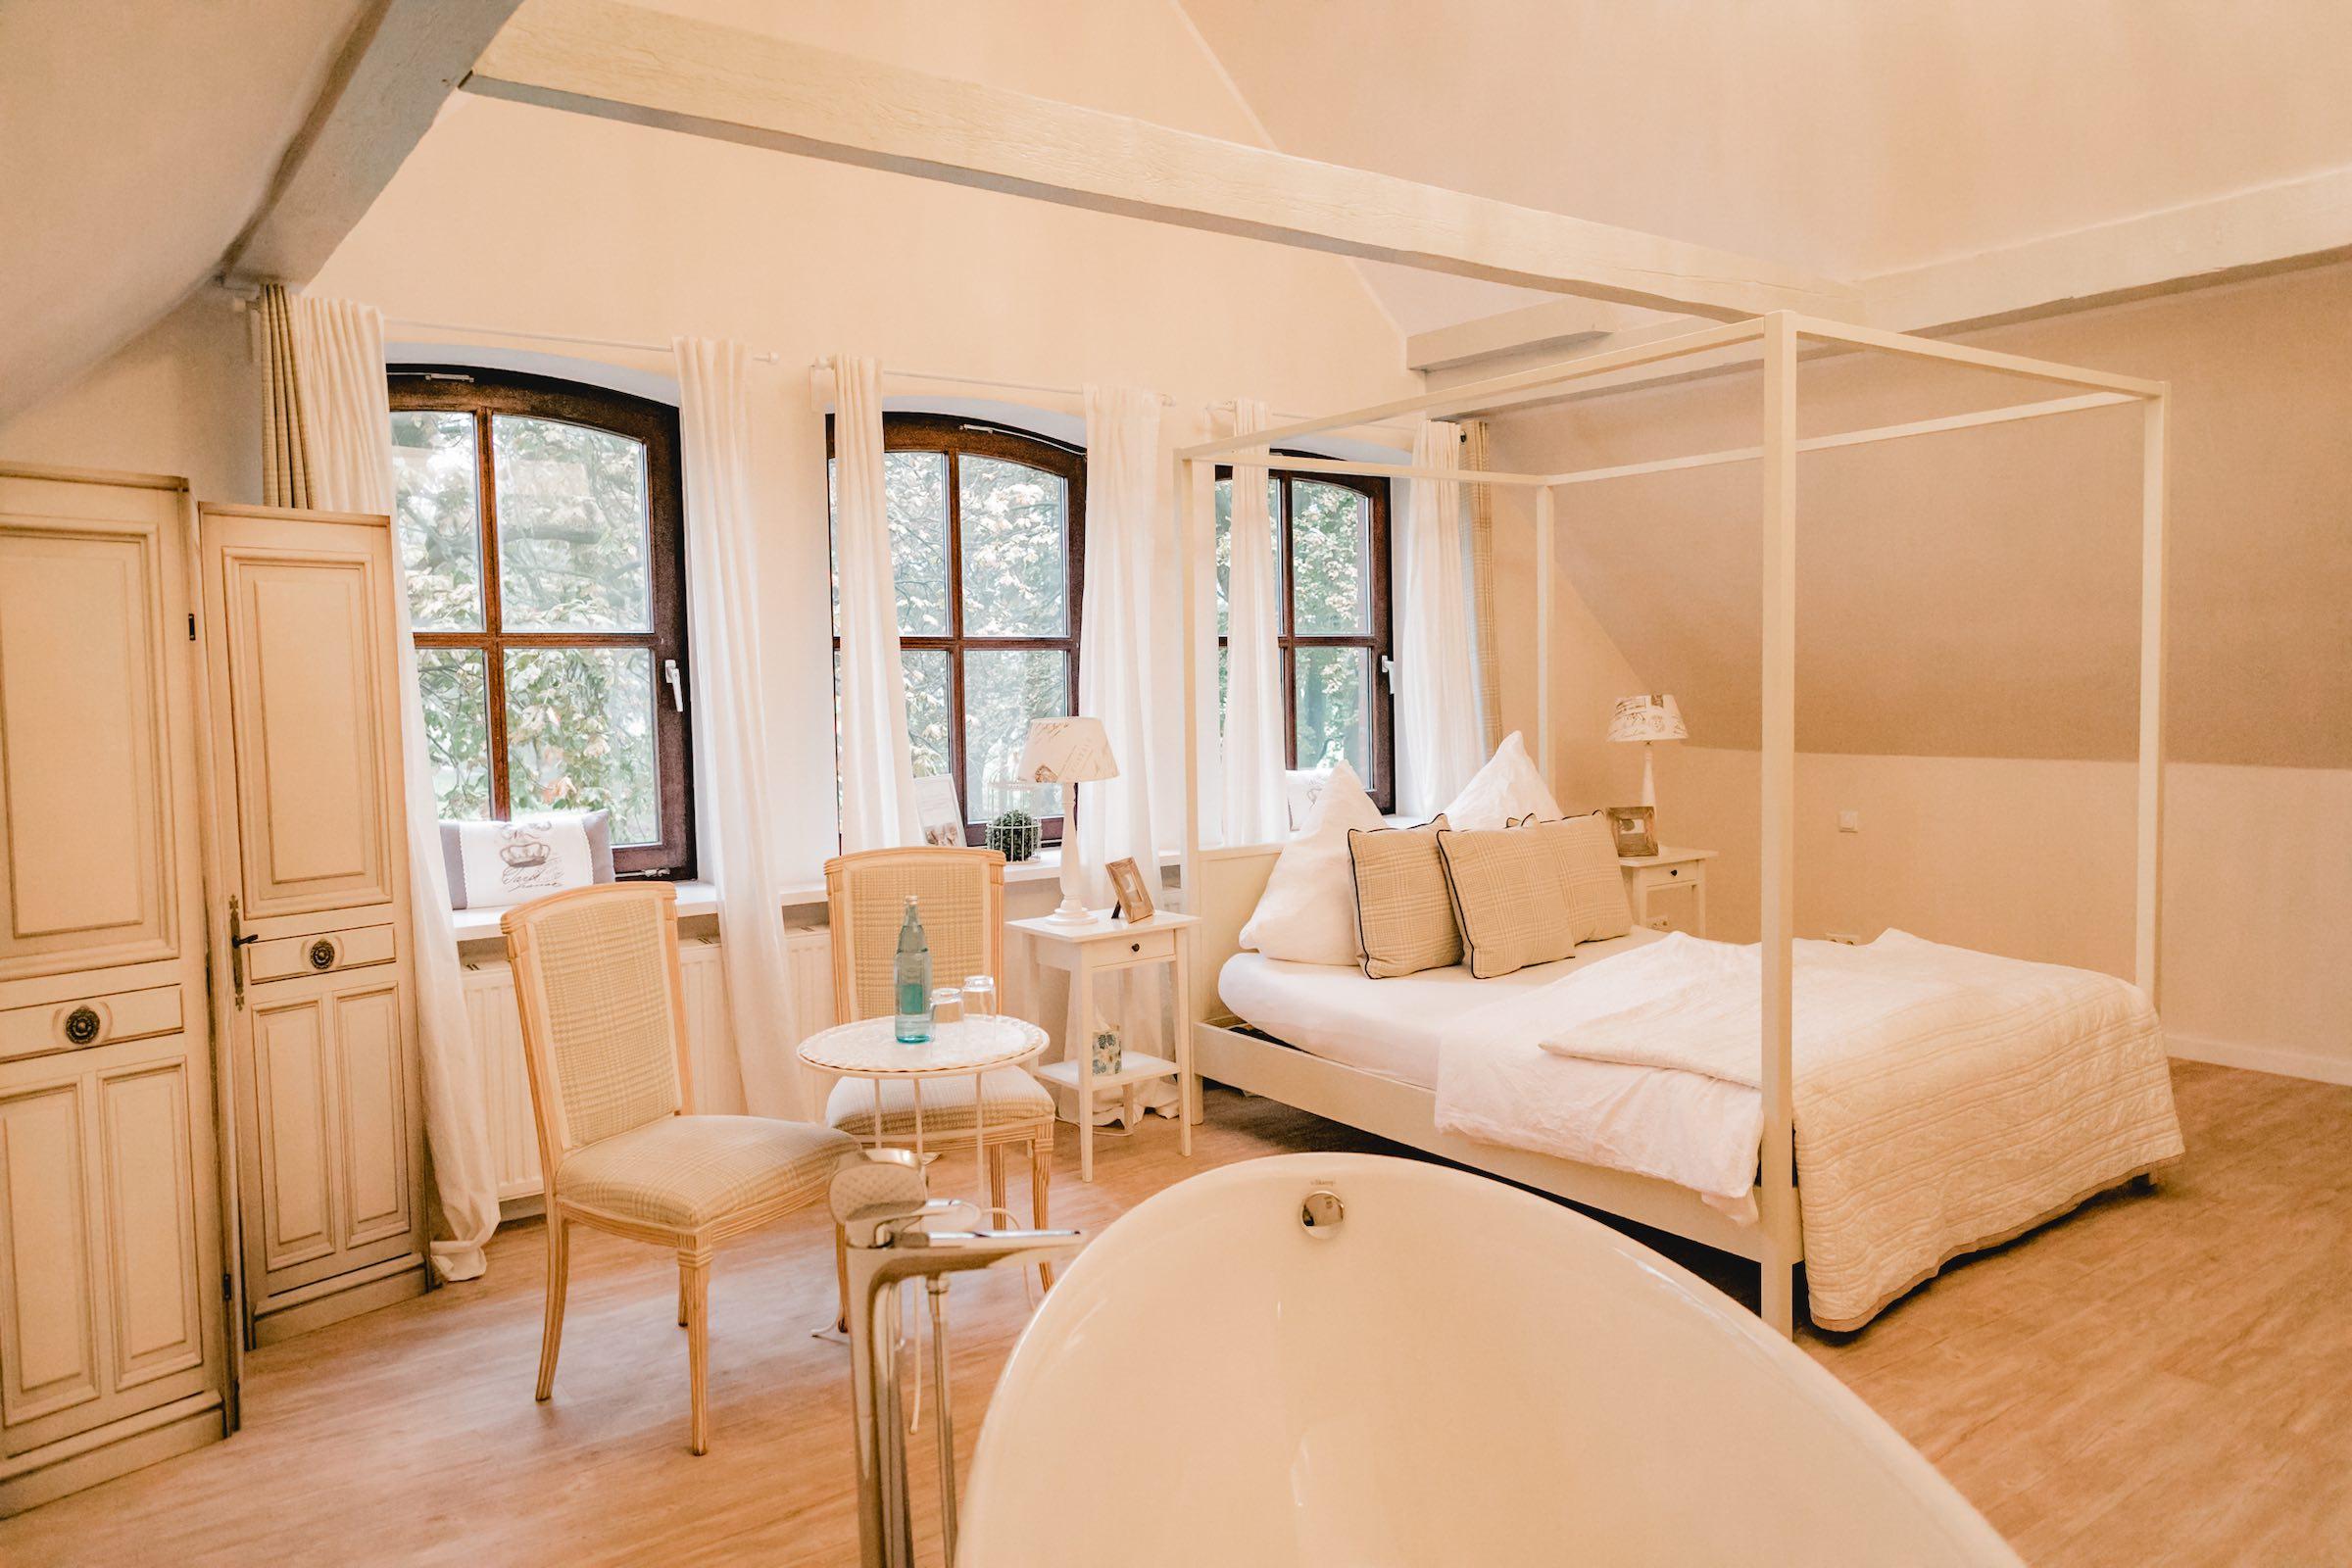 Häserhof | Reddestorf | Location | Referenz | Zimmer | Gästezimmer | Mieten | Buchen | Lehmann | Eventservice